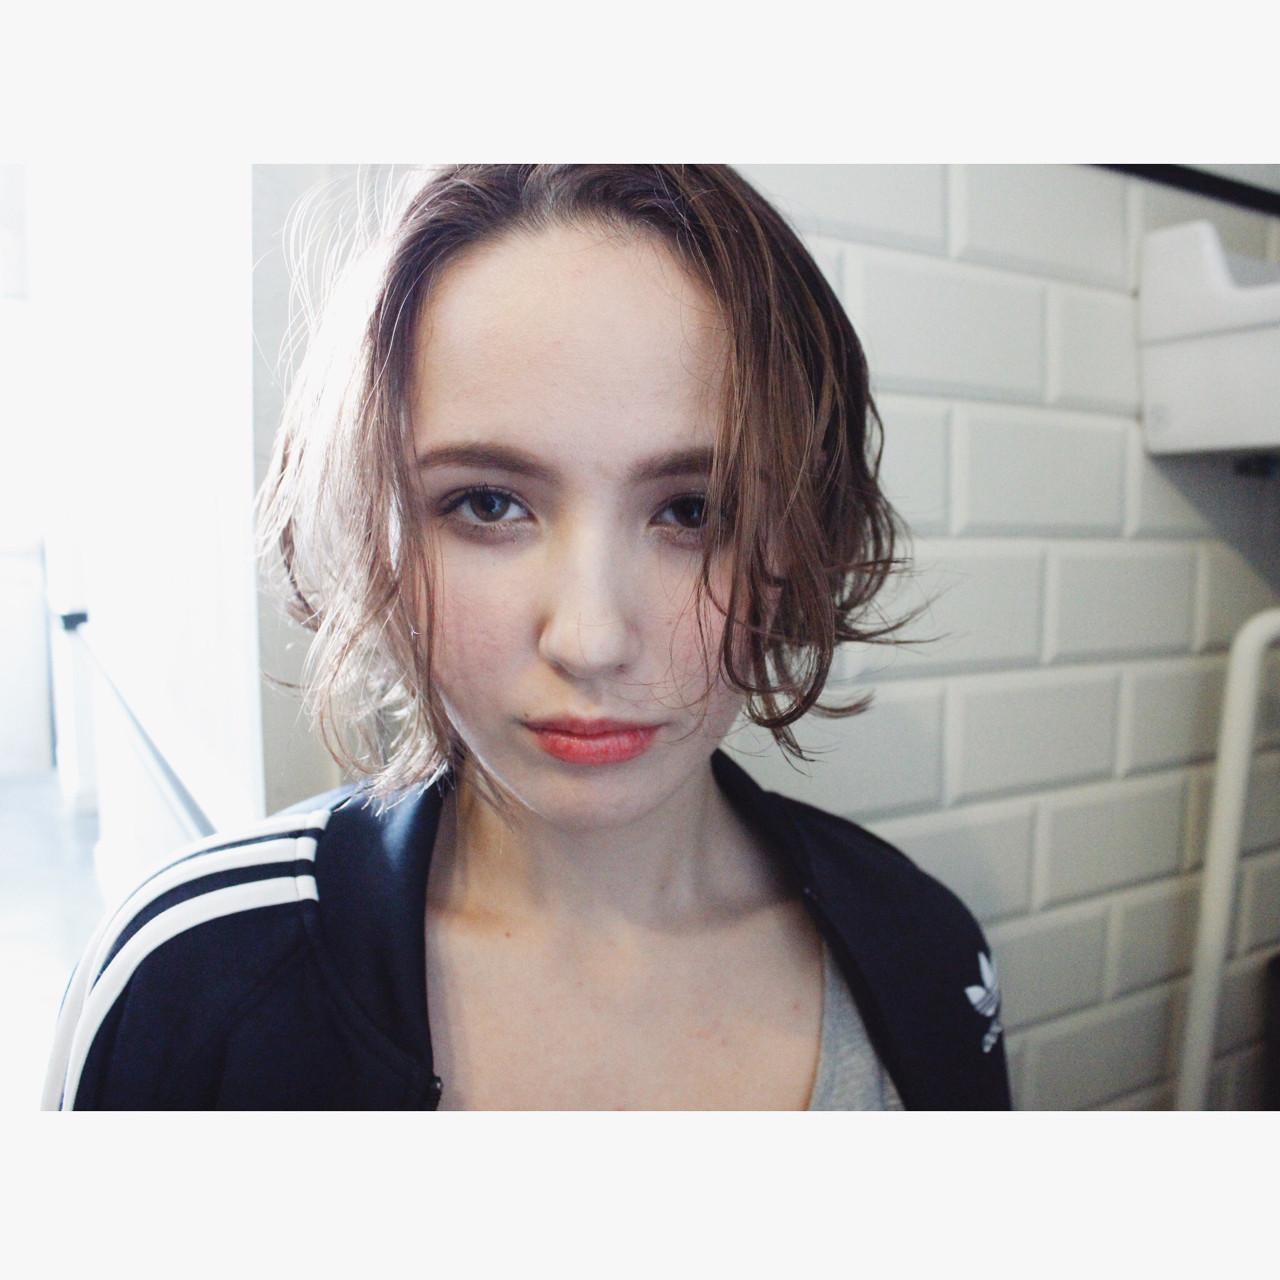 こなれ感 大人女子 ニュアンス パーマ ヘアスタイルや髪型の写真・画像 | 上田智久 / ooit 福岡 天神 / ooit